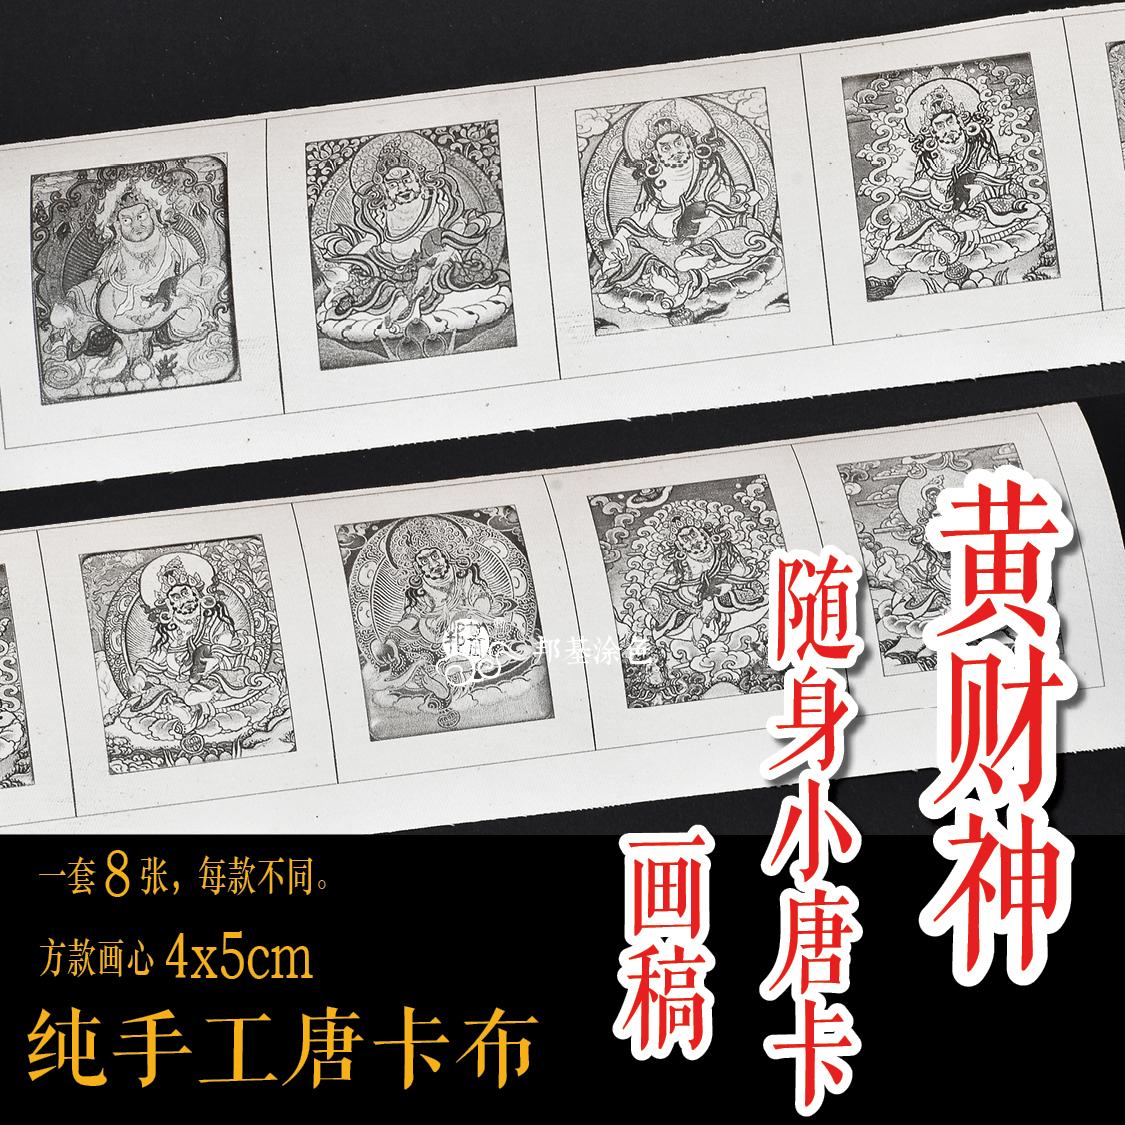 黄财神随身小唐卡线稿 小扎卡 唐卡涂色 一套8个 diy手绘 自己画 Изображение 1